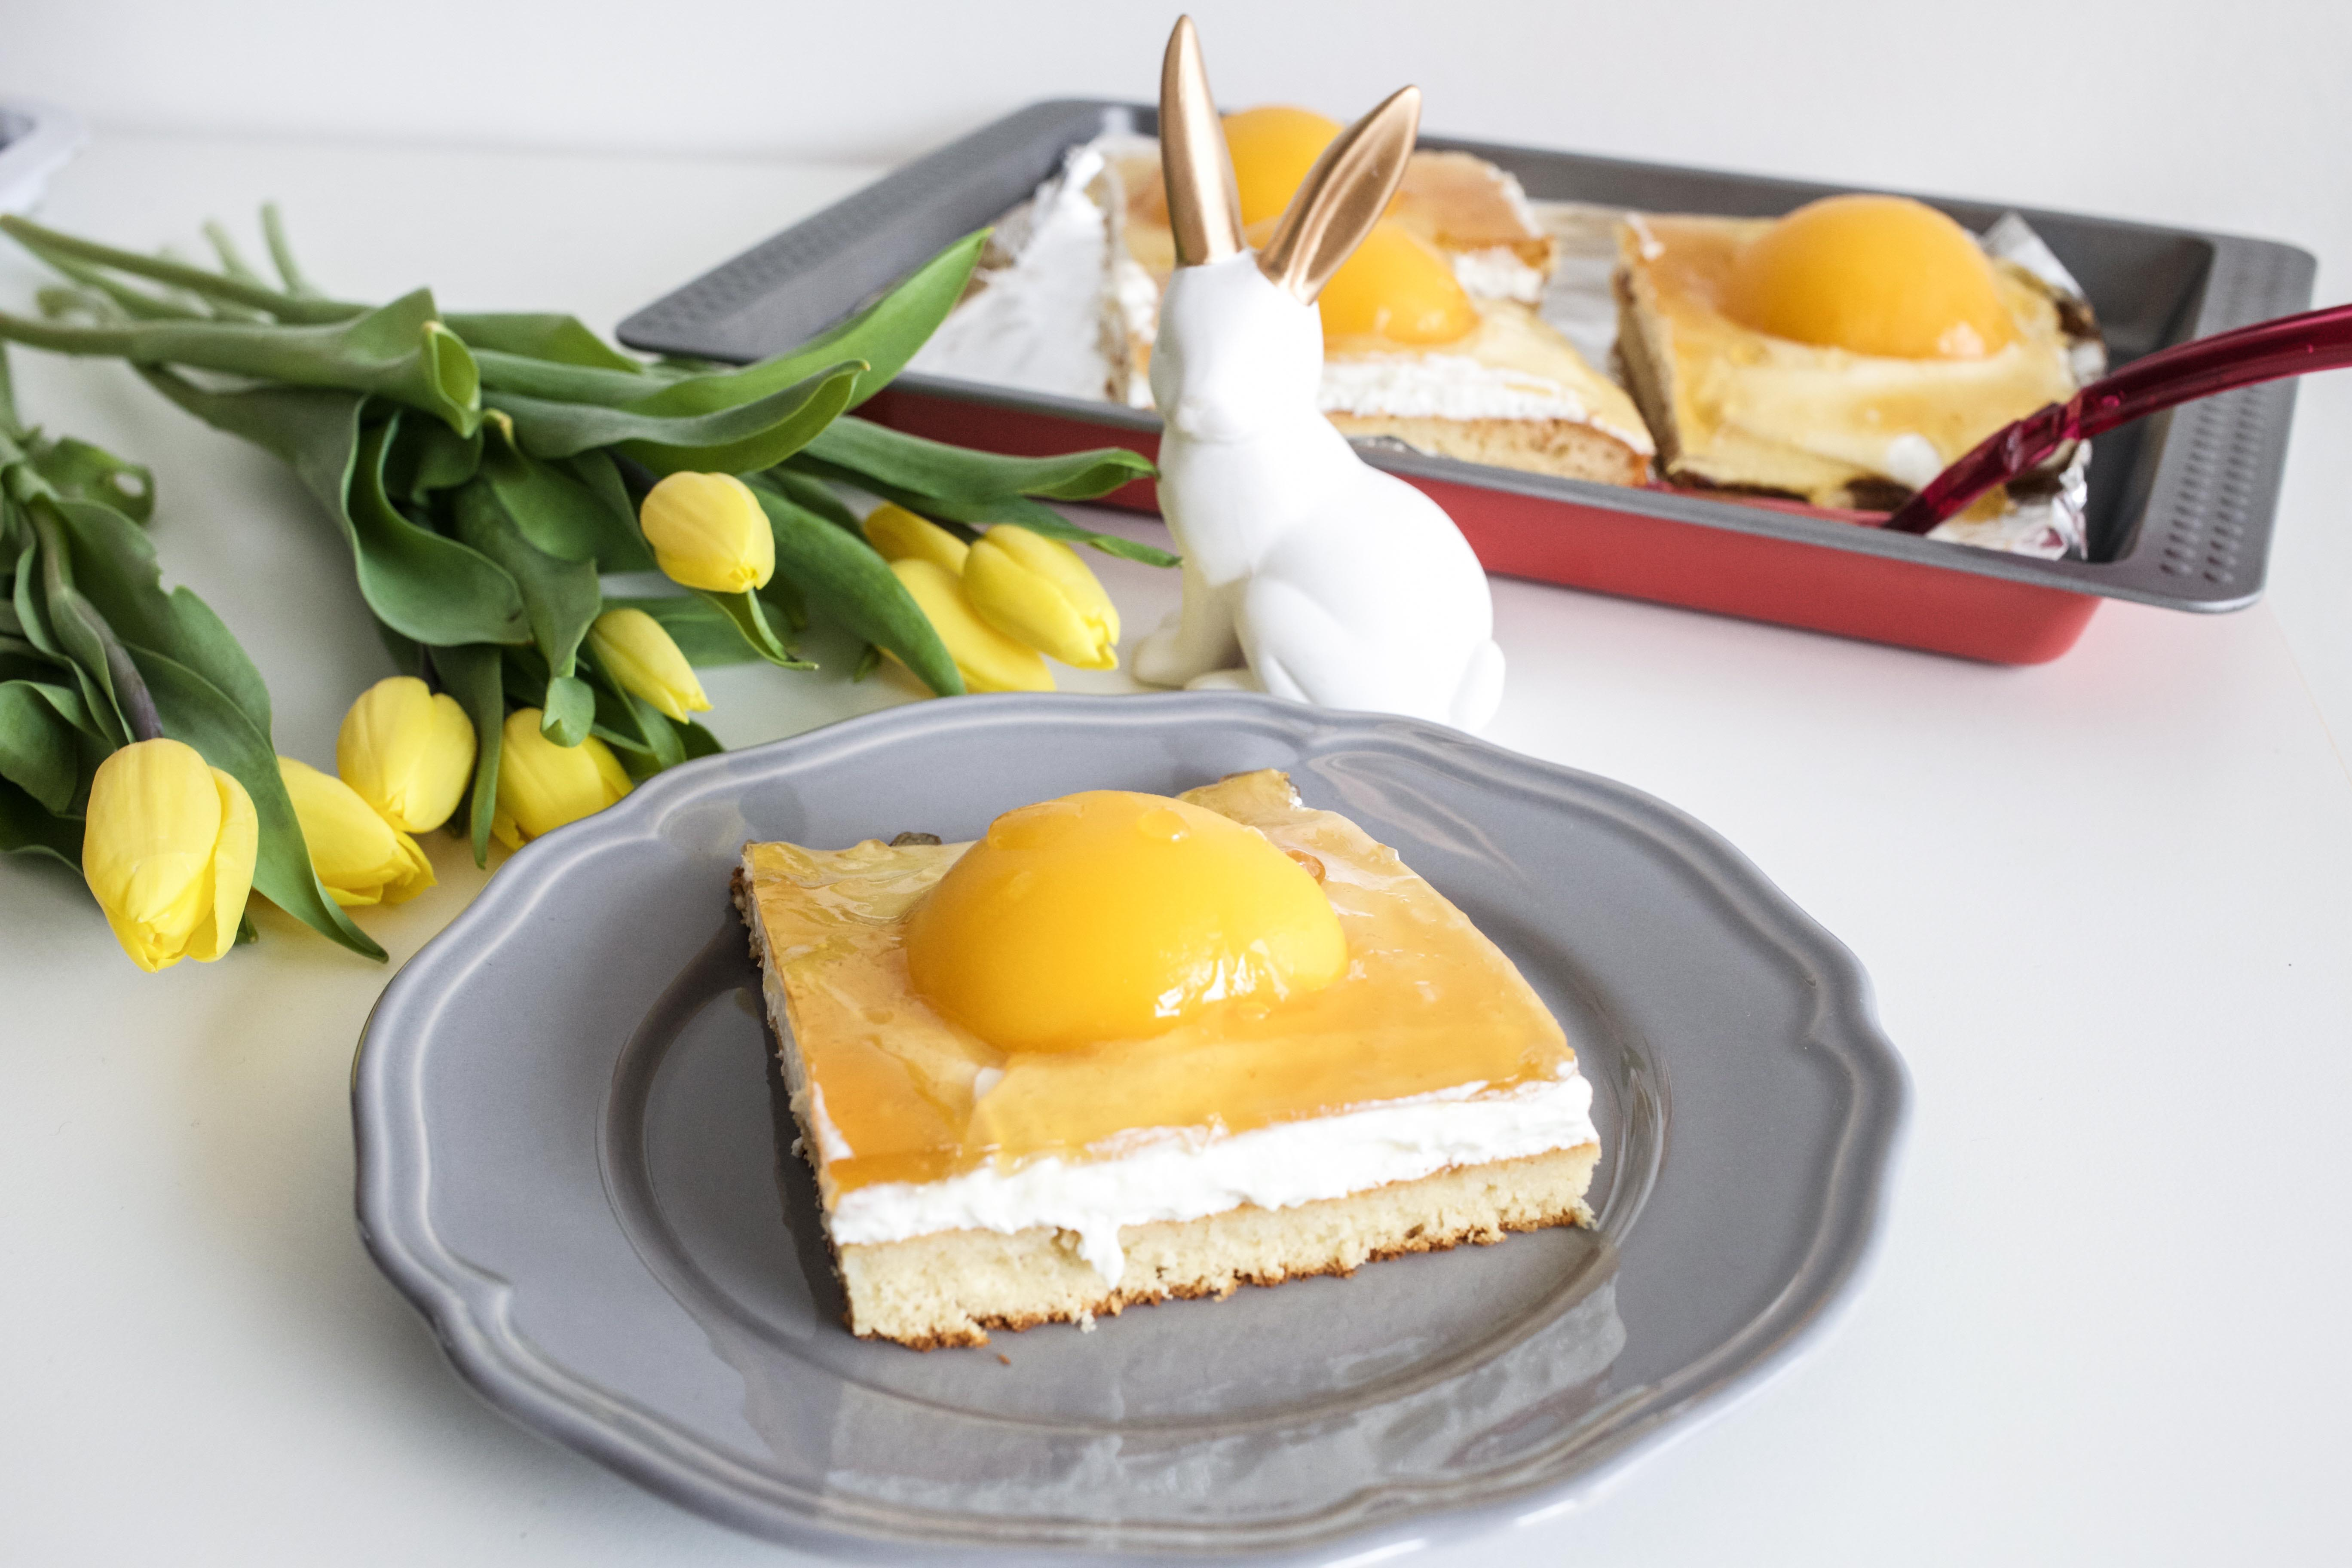 osterkuchen-spiegeleikuchen-rezept-ostern-dessert-rezeptidee-food_6482